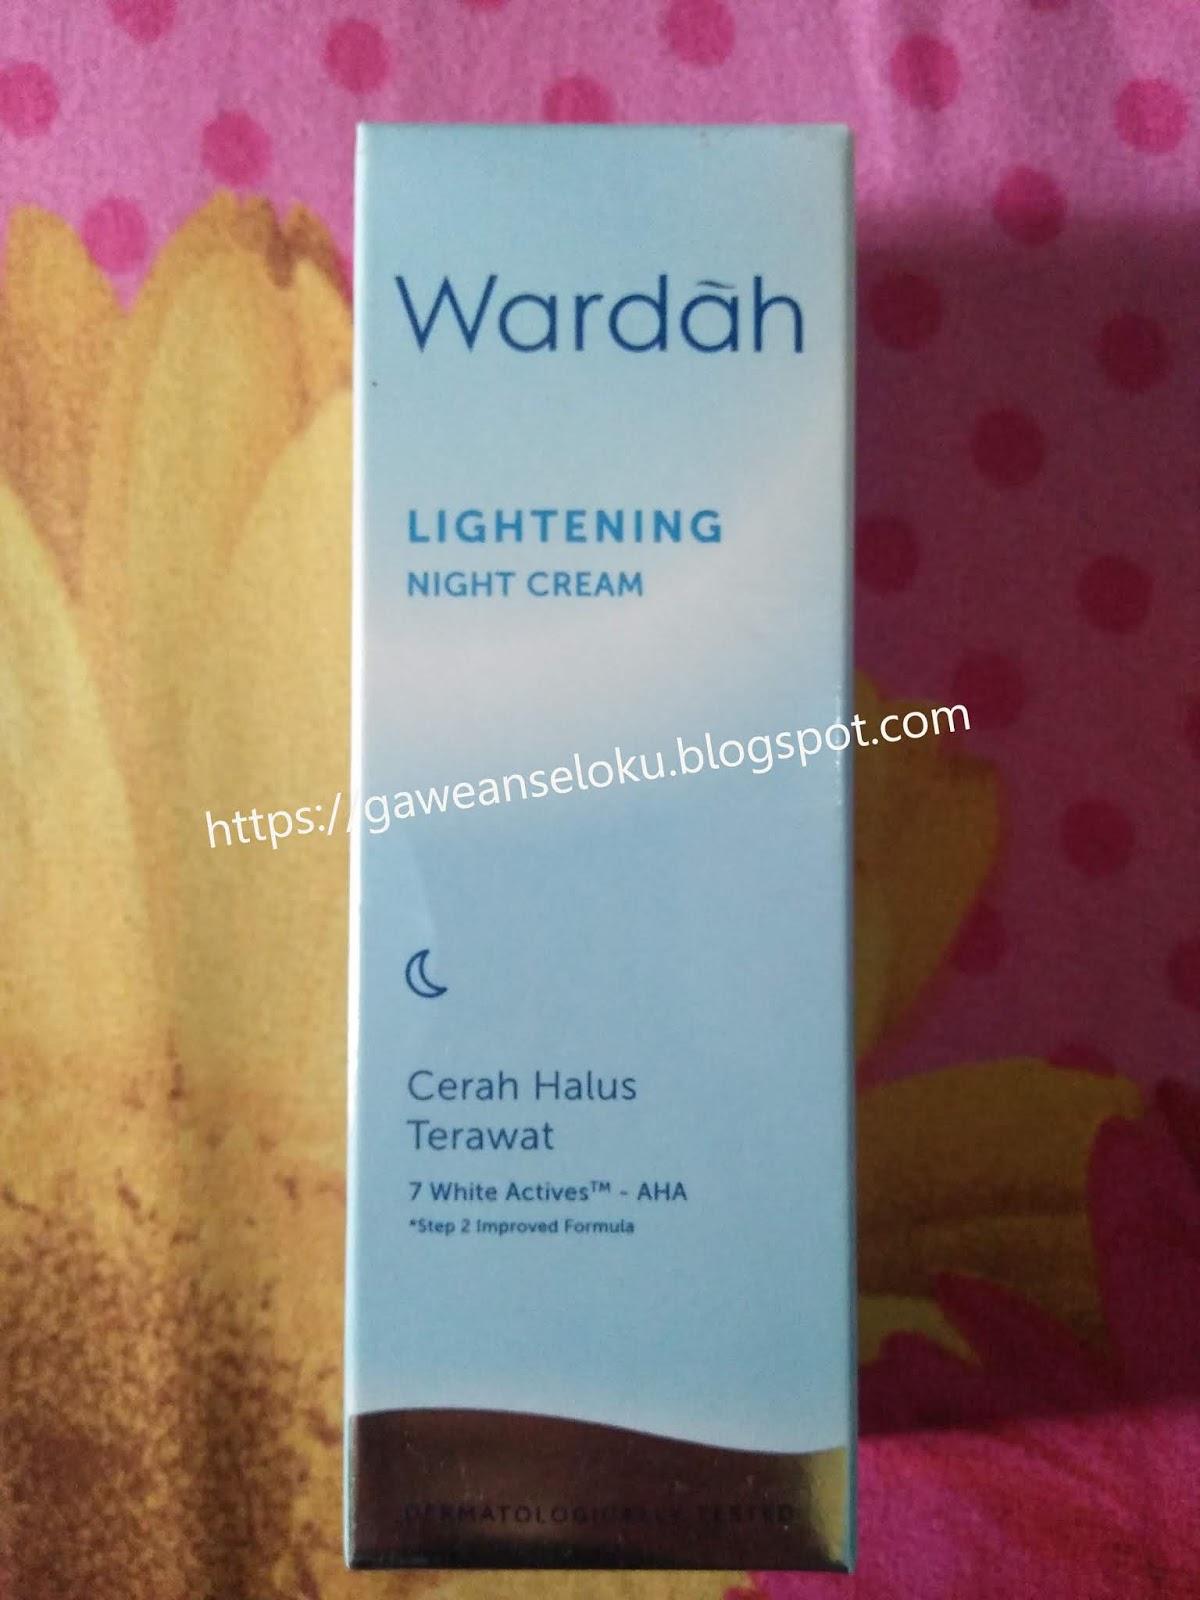 Wardah Lightening Night Cream Step 2 Improved Formula 1